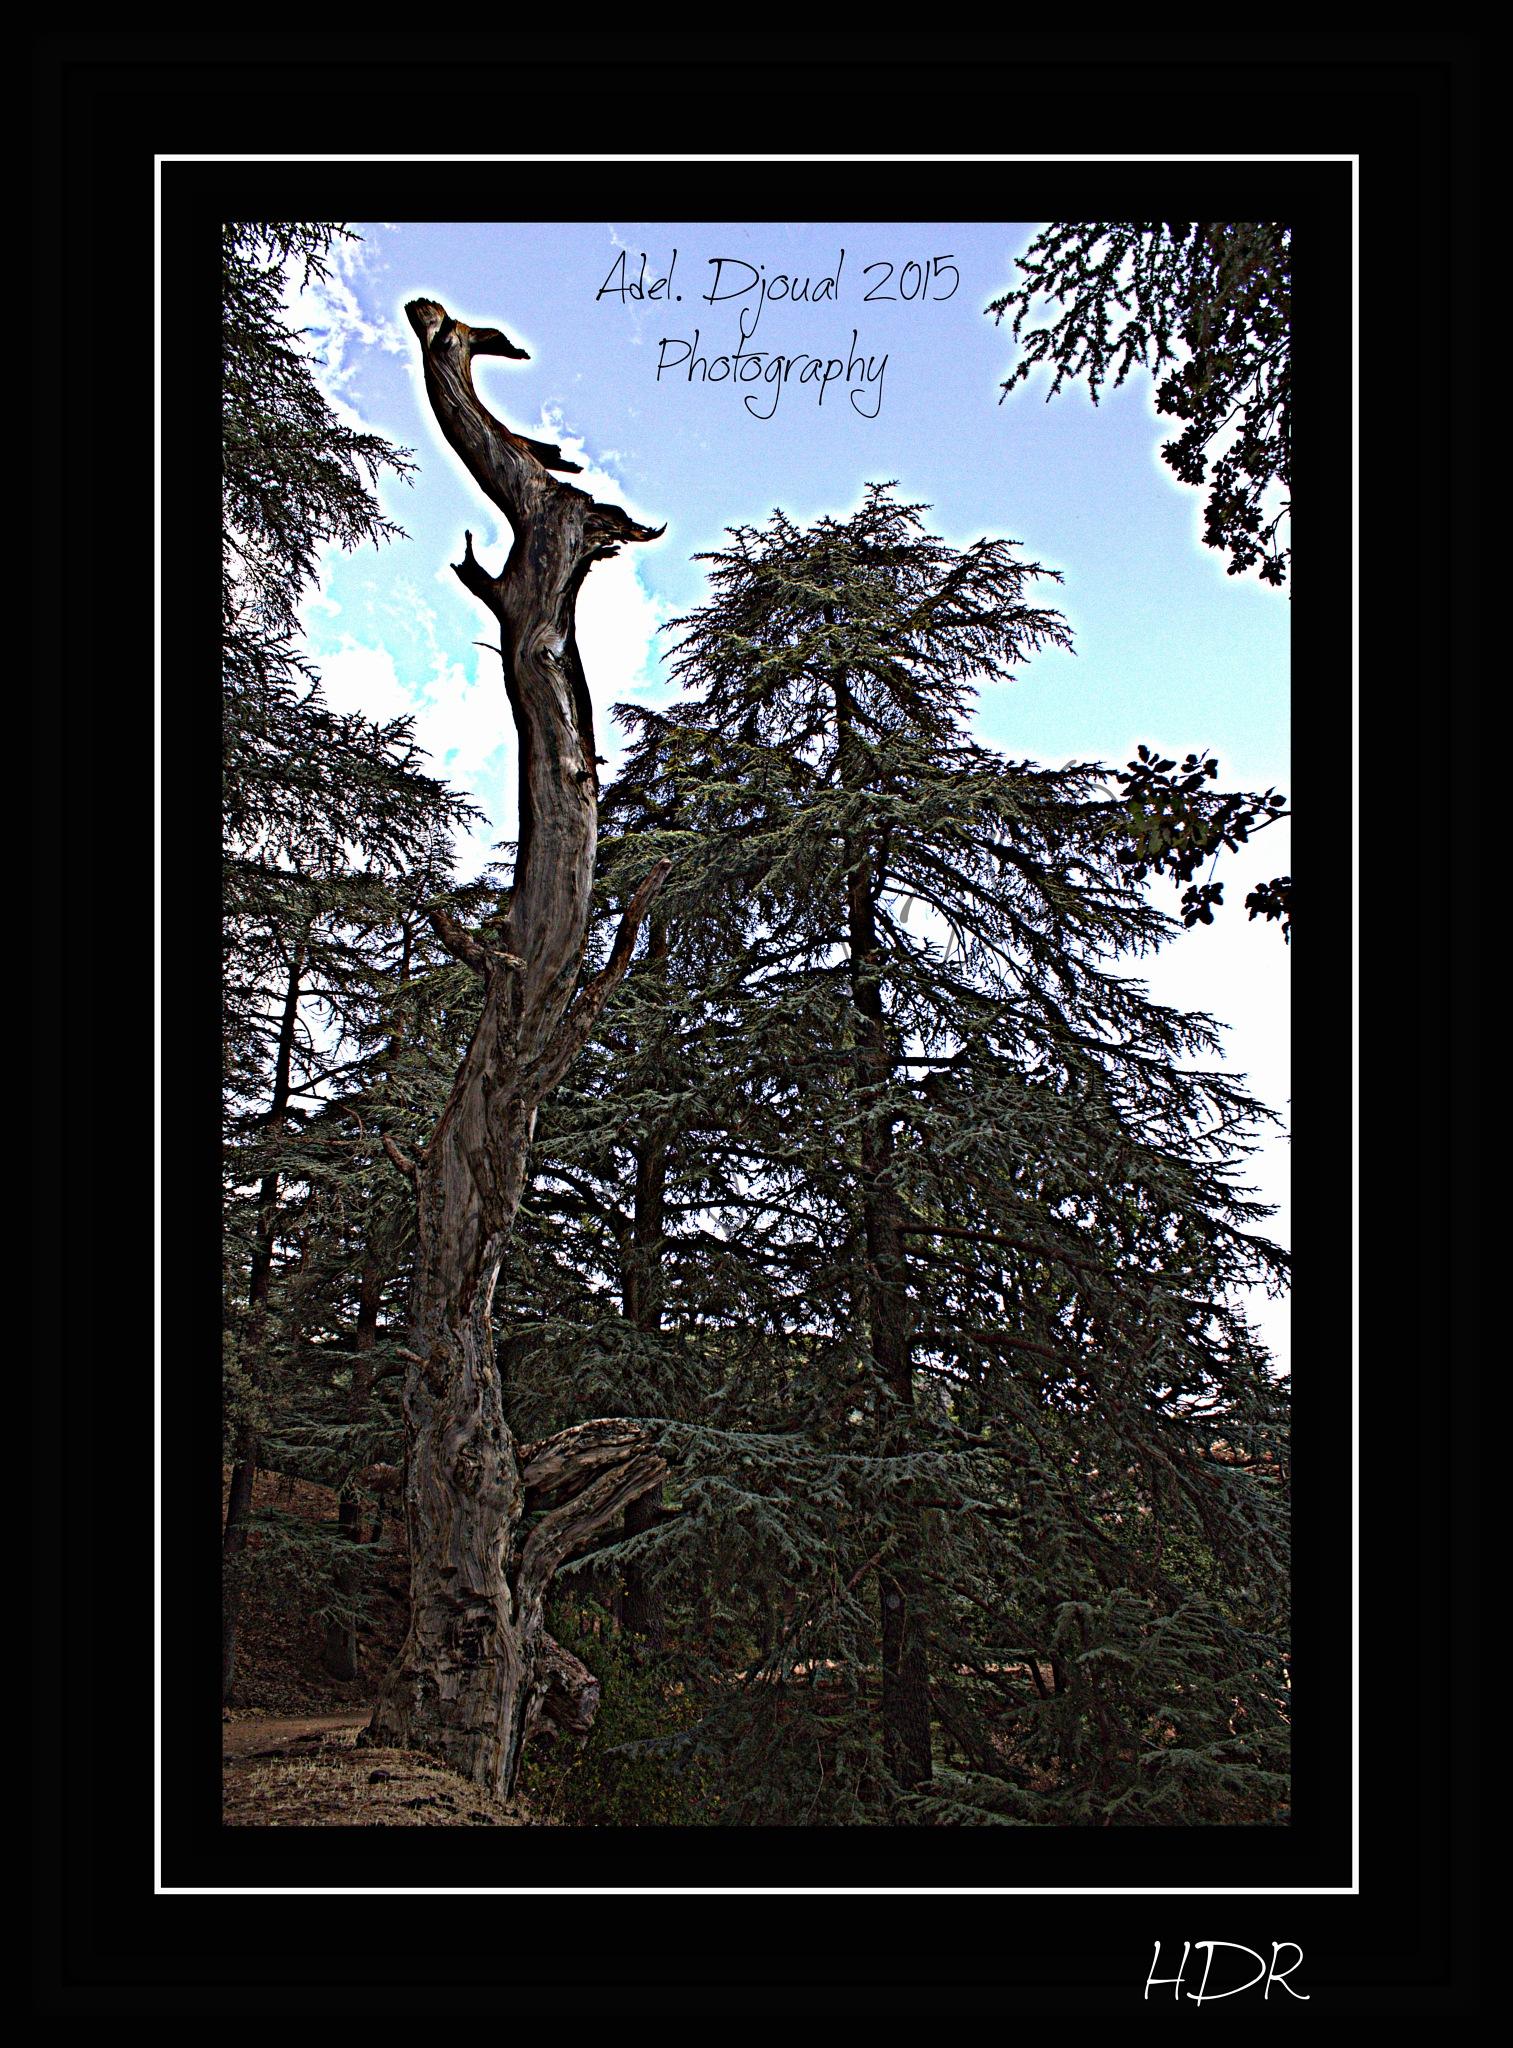 Cedar Tree. Parc national de Theniet El Had. Algeria by Adel Djoual